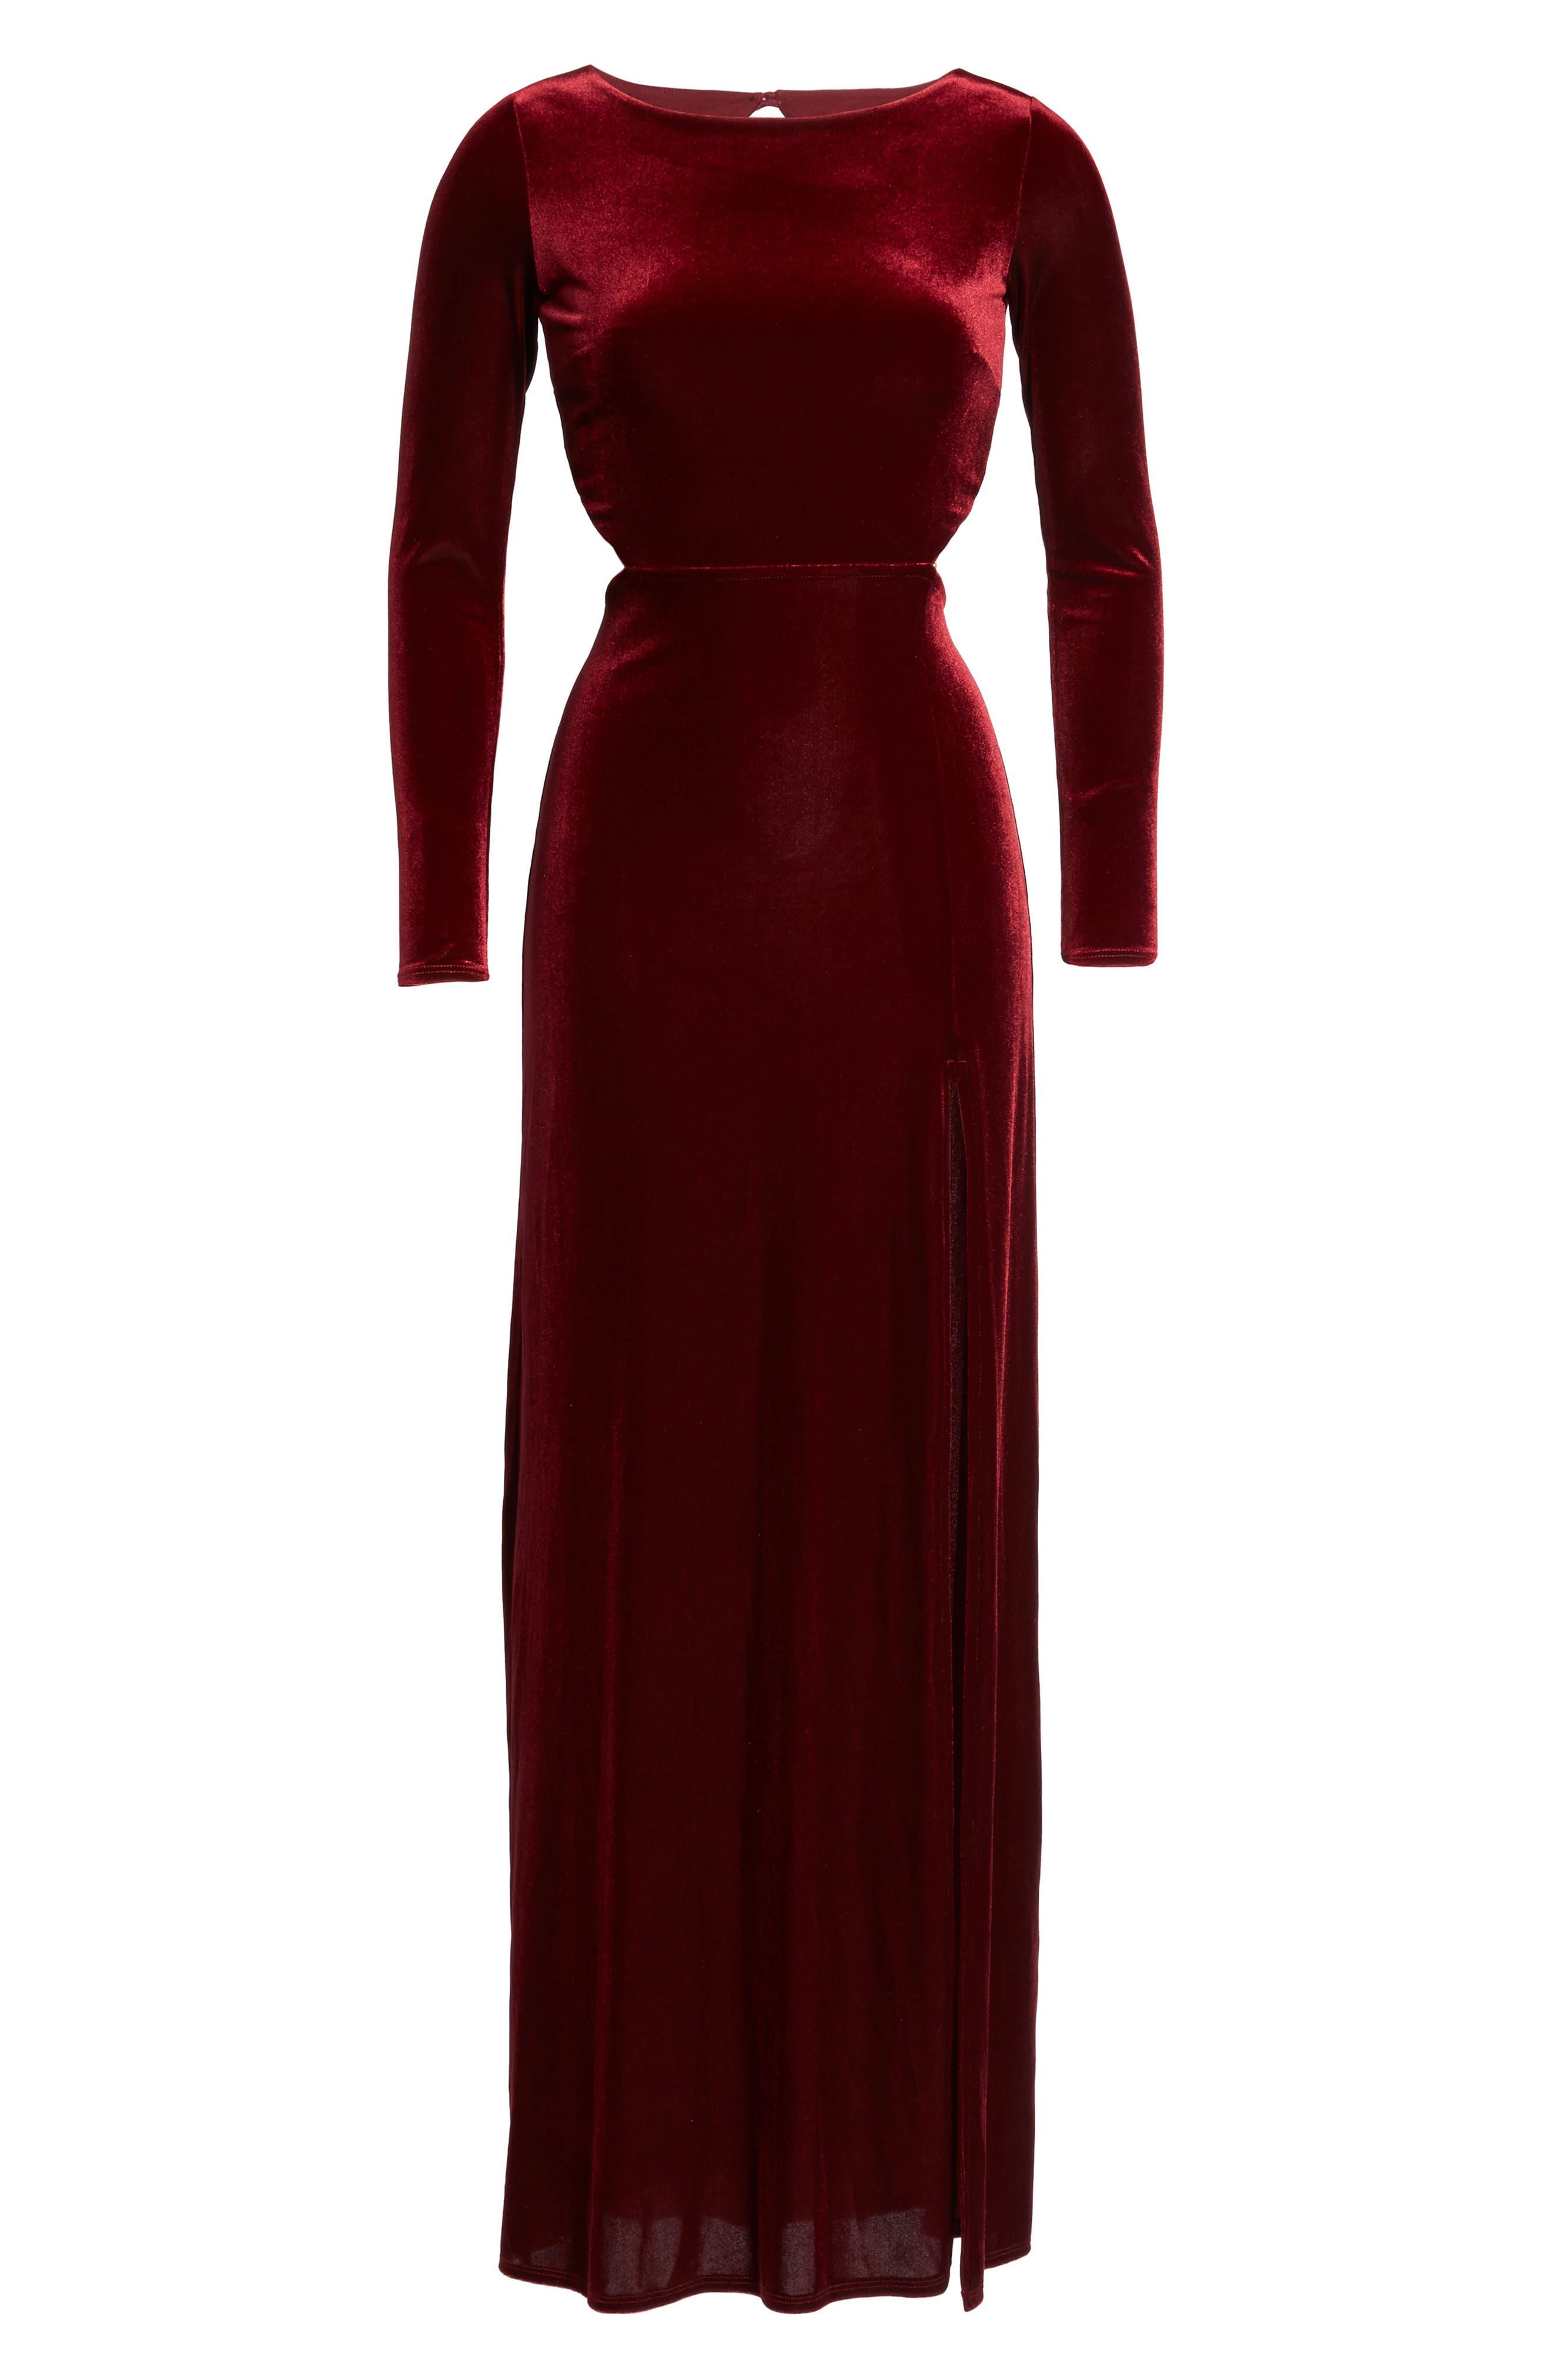 Besame Long Sleeve Velvet Maxi Dress,                             Alternate thumbnail 6, color,                             Burgundy